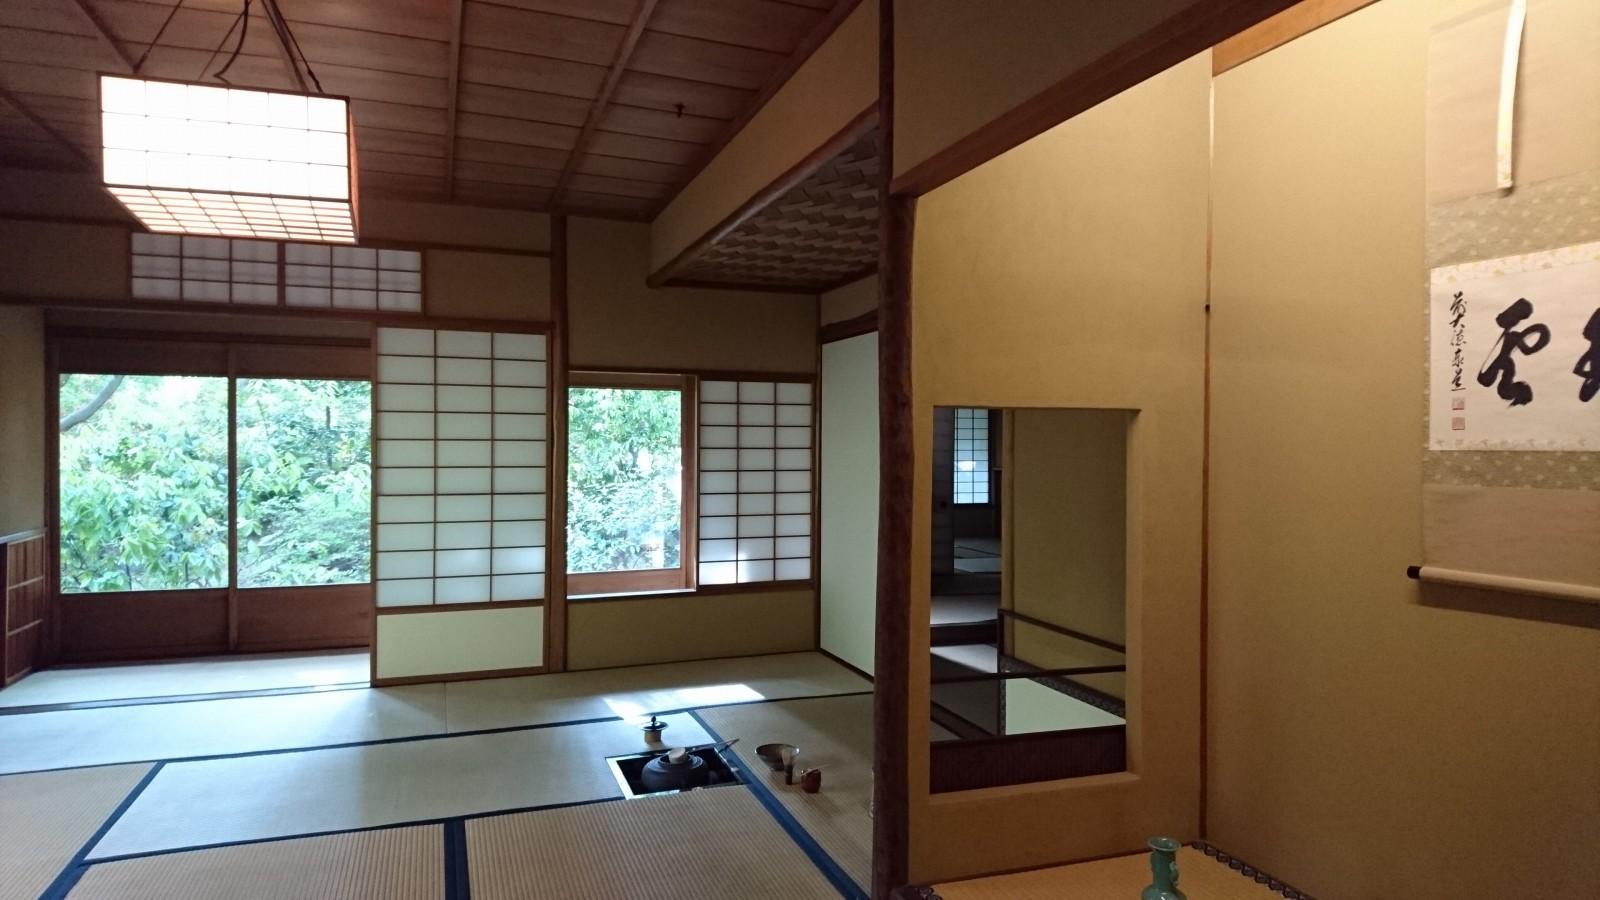 inside of tea room